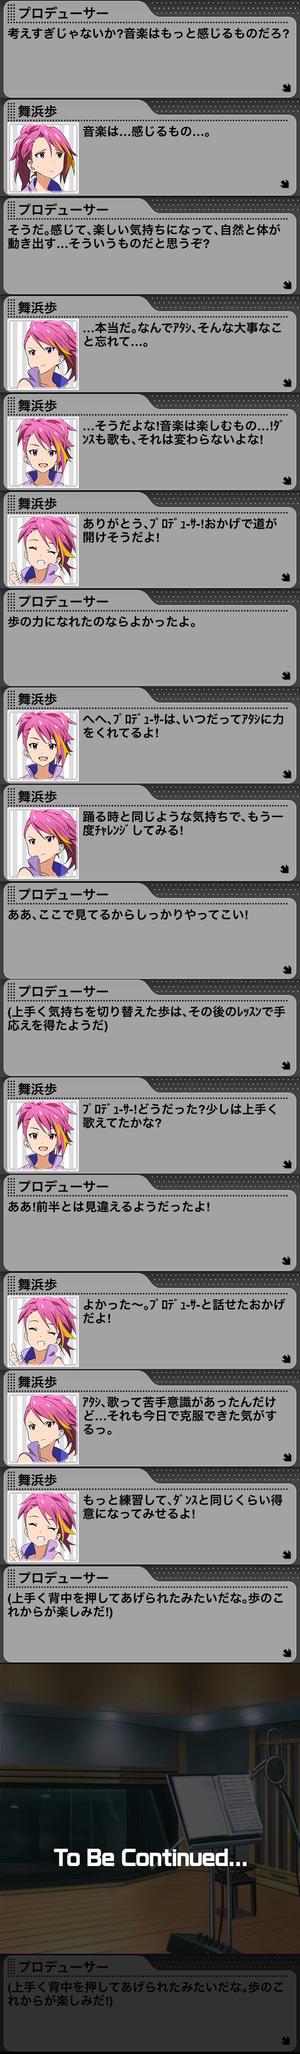 舞浜歩アイドルストーリーLv5_4